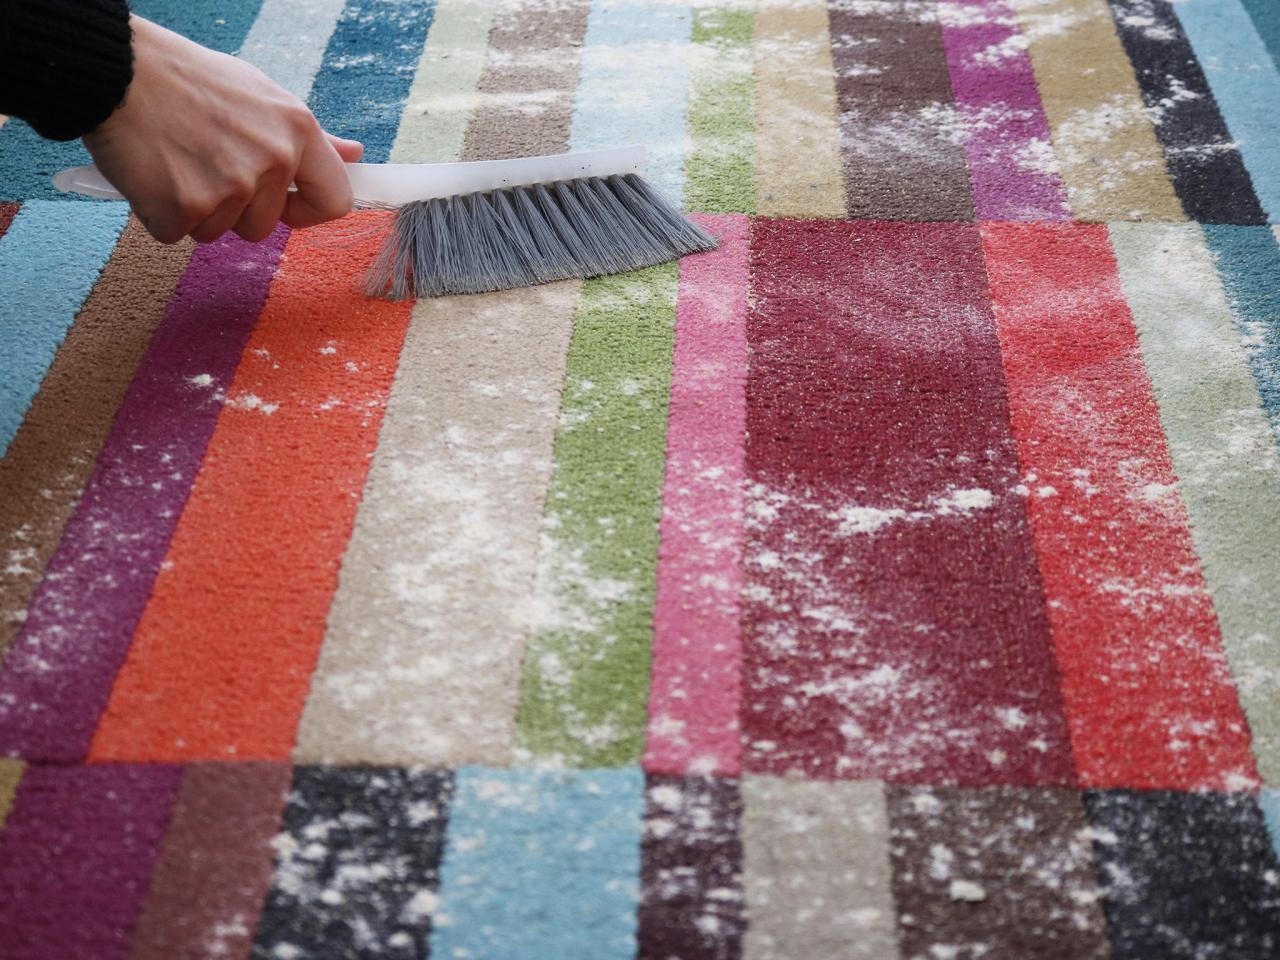 چگونه فرش ماشینی را تمیز کنیم